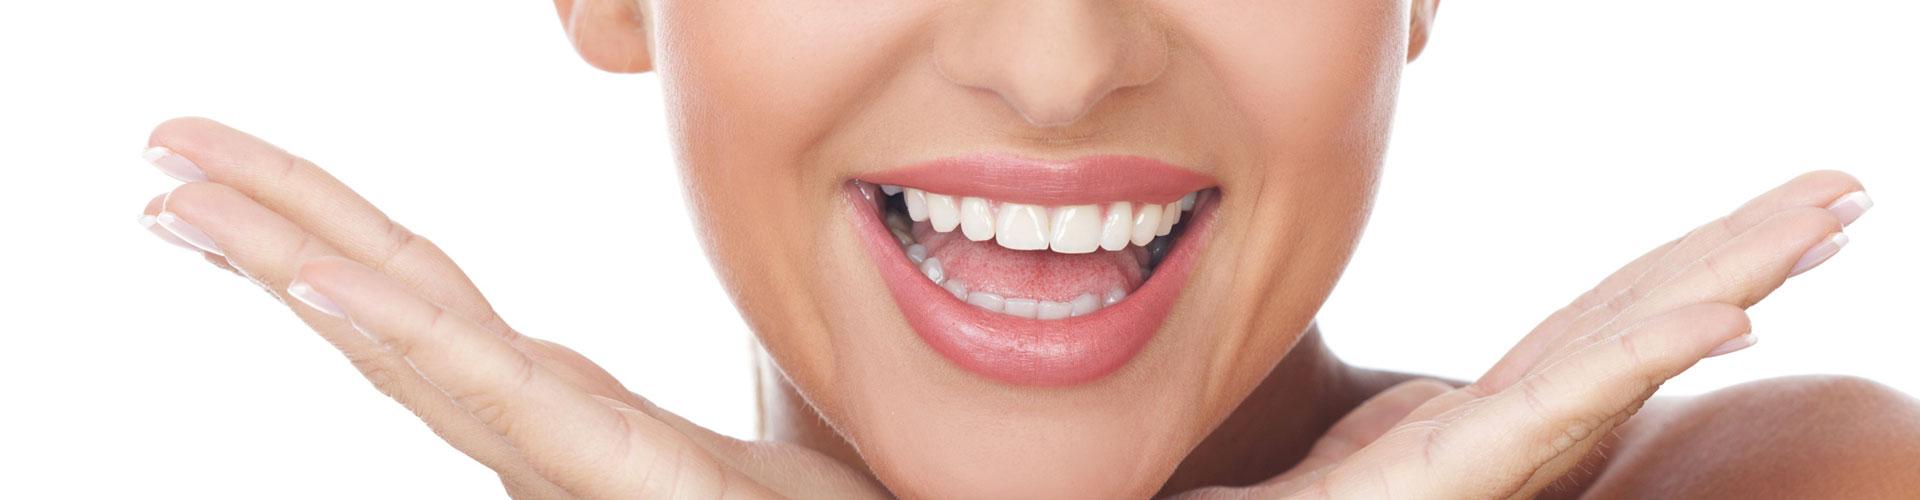 imagesblanchiment-des-dents-16.jpg